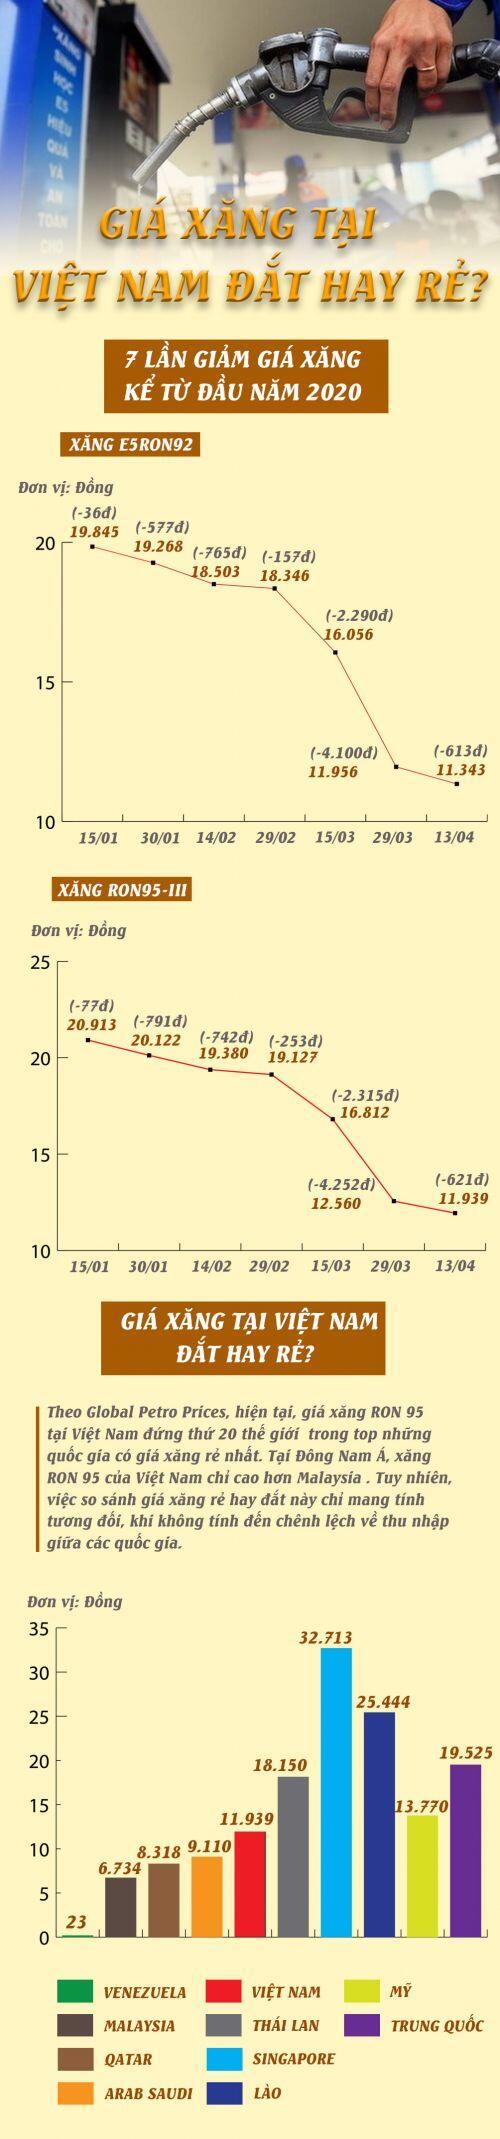 [Infographic] Giá xăng tại Việt Nam đắt hay rẻ?